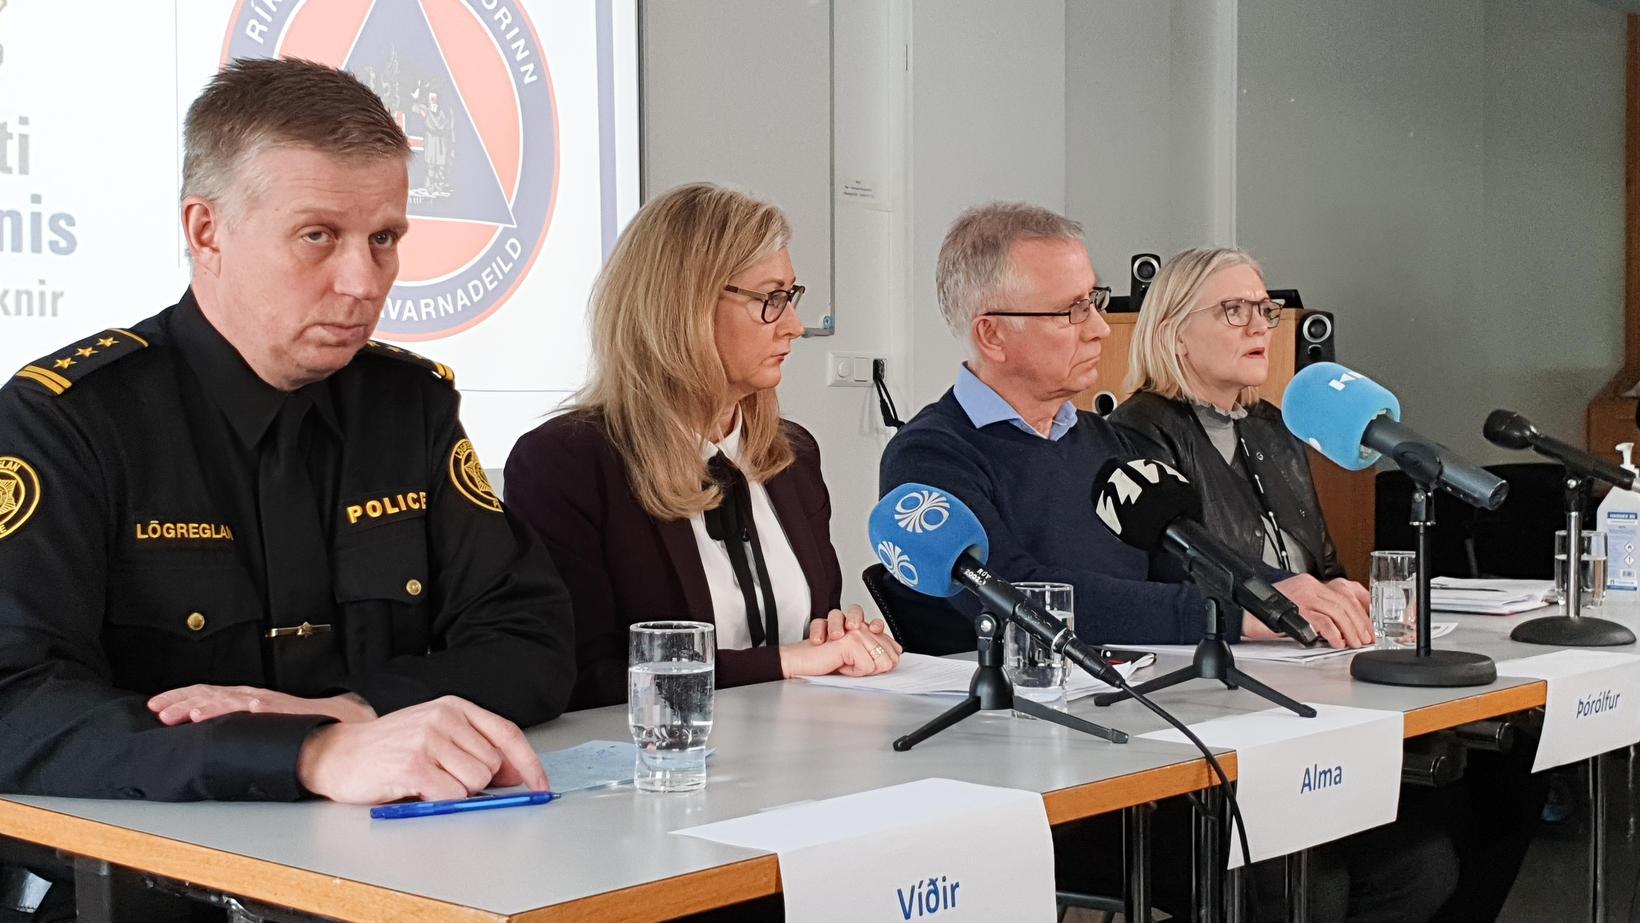 Víðir Reynisson, yfirlögregluþjónn hjá ríkislögreglustjóra, og Þórólfur Guðnason sóttvarnalæknir sitja …